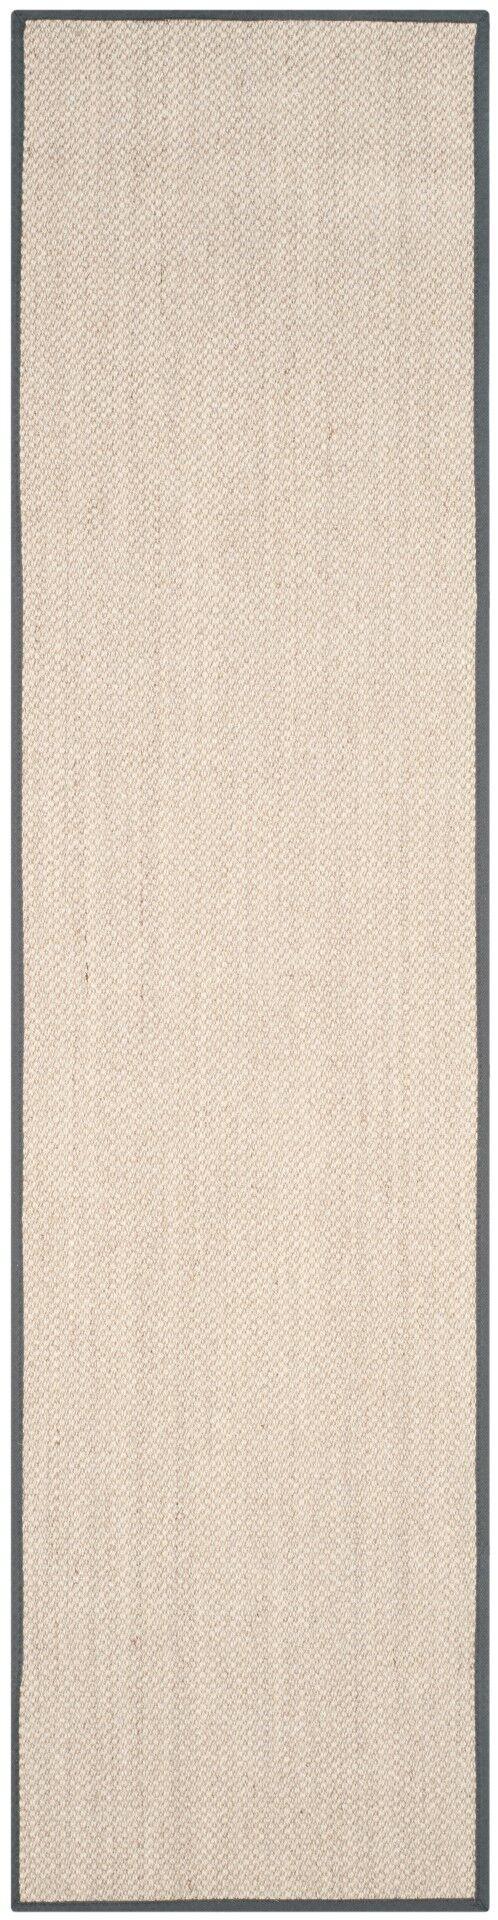 MonadnockBeige/Gray Area Rug Rug Size: Runner 2'6